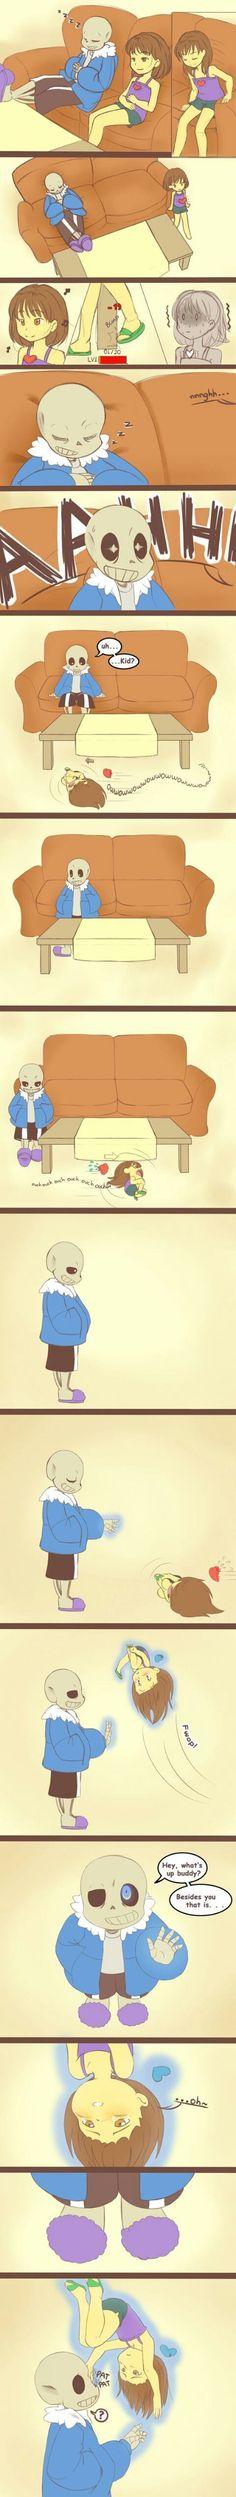 Nada duele más que un golpe en el meñique